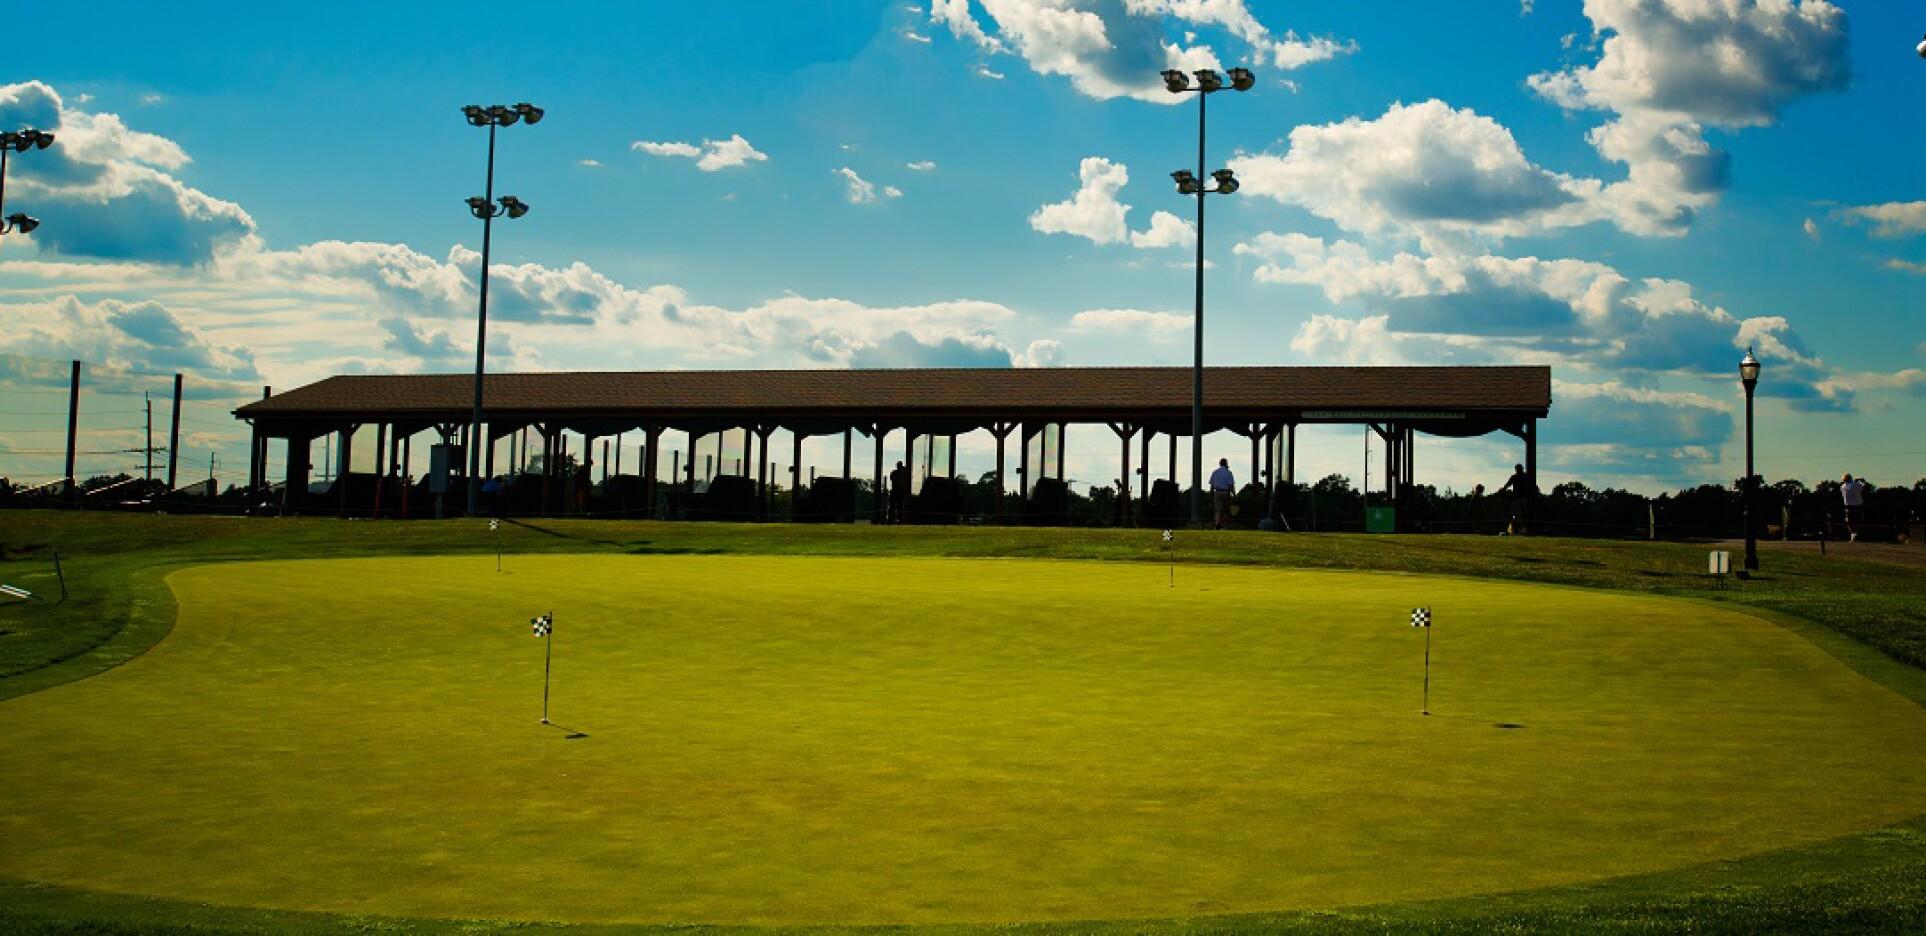 putting green at Hyatt Hills Golf Complex